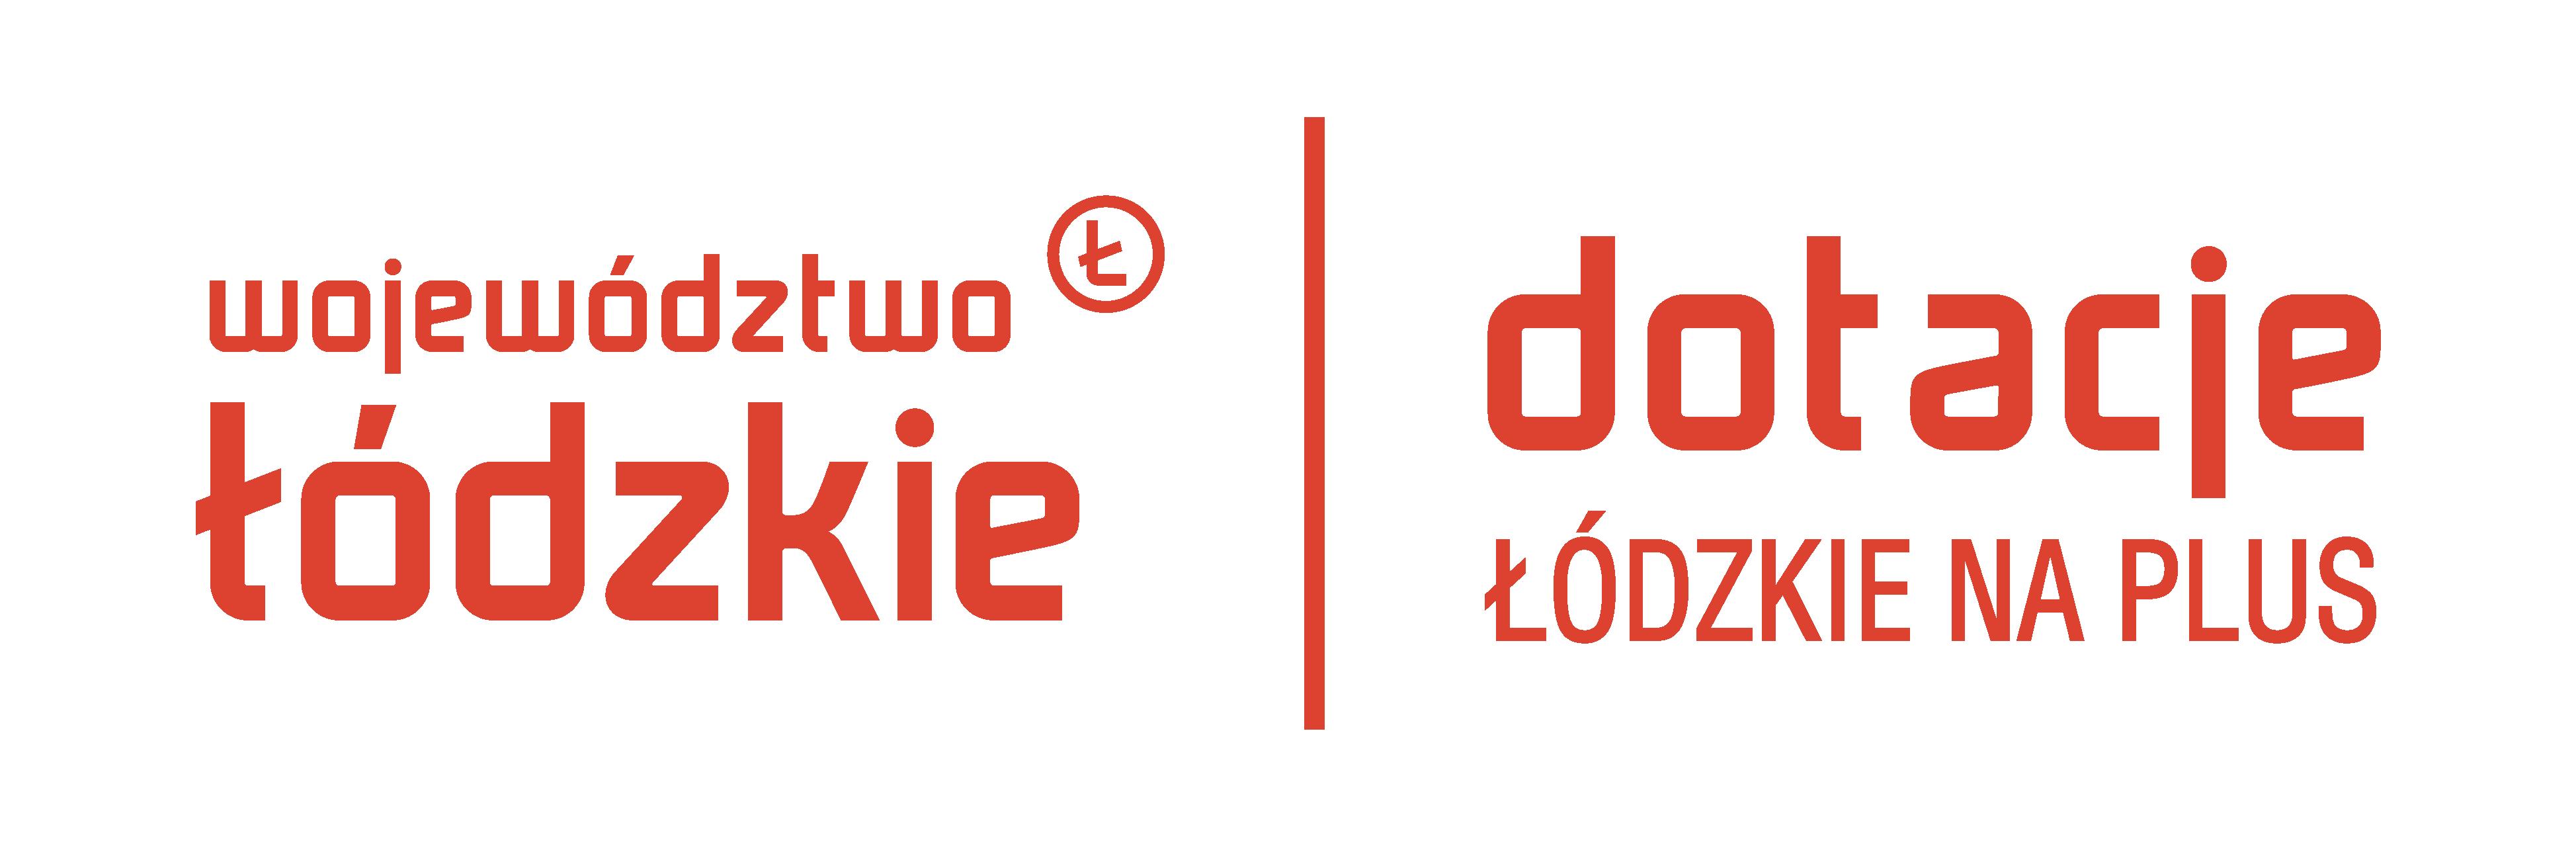 lodzkie